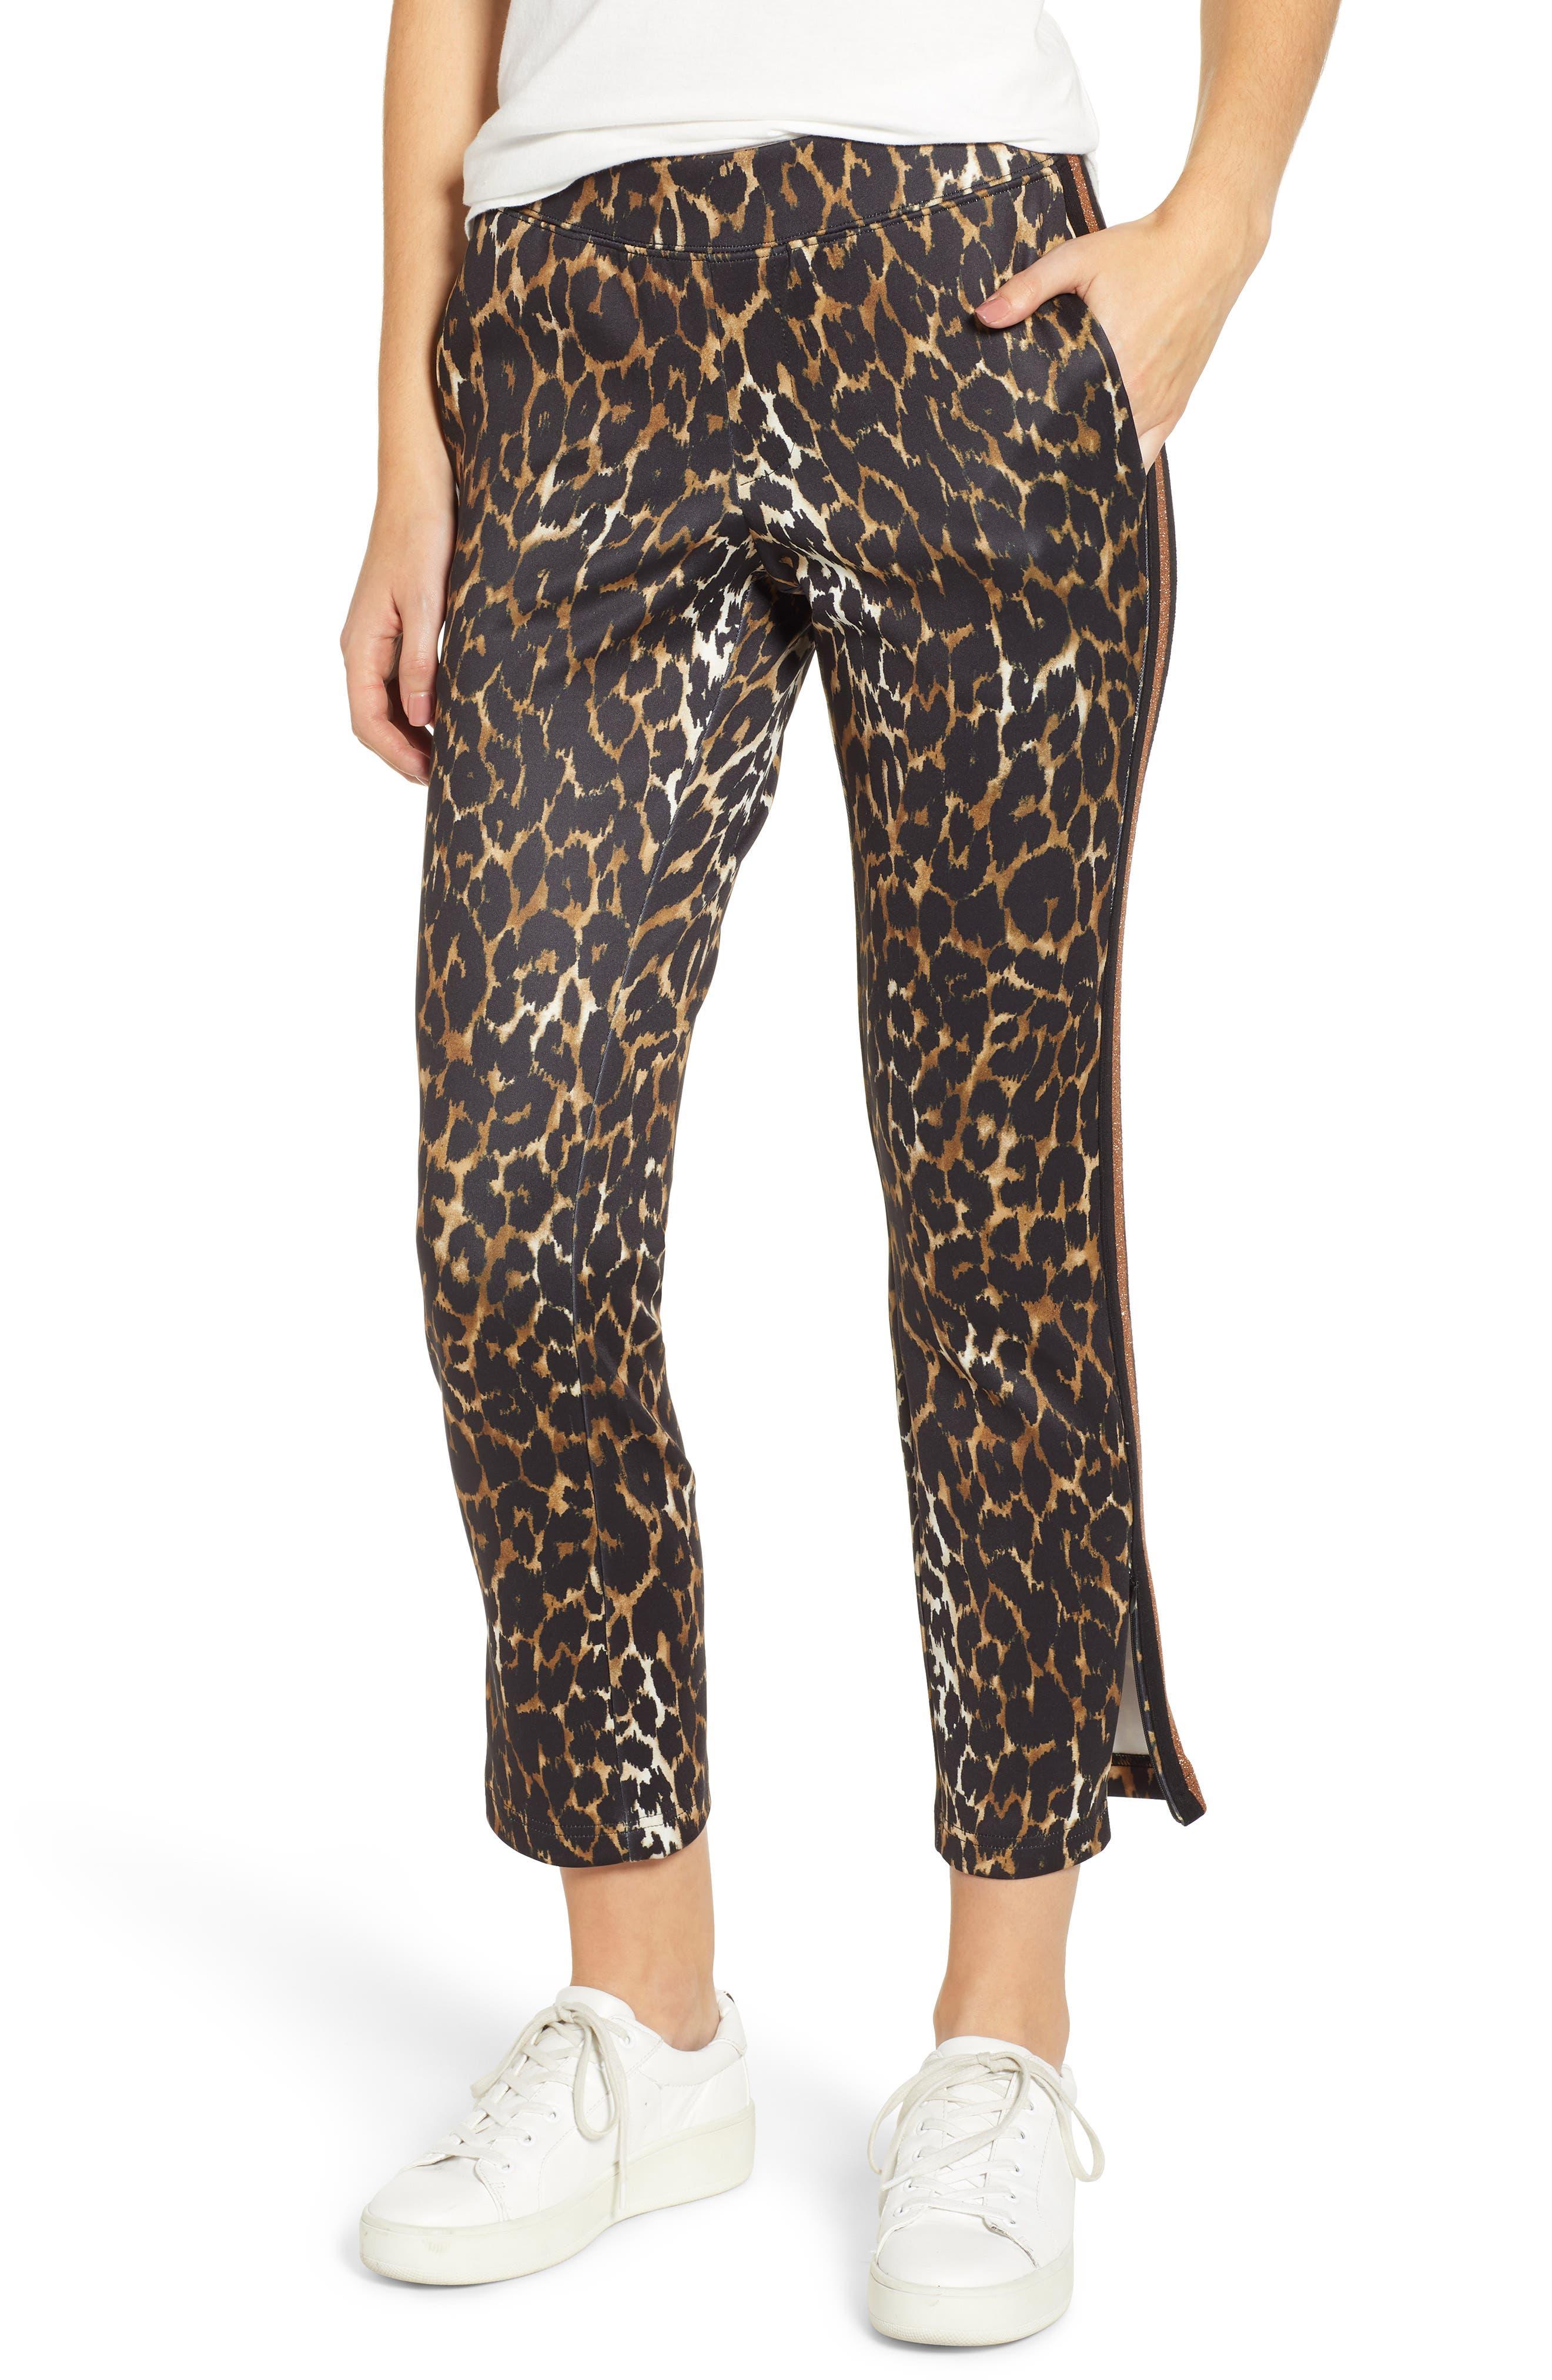 Leopard Track Pants,                             Main thumbnail 1, color,                             LEOPARD